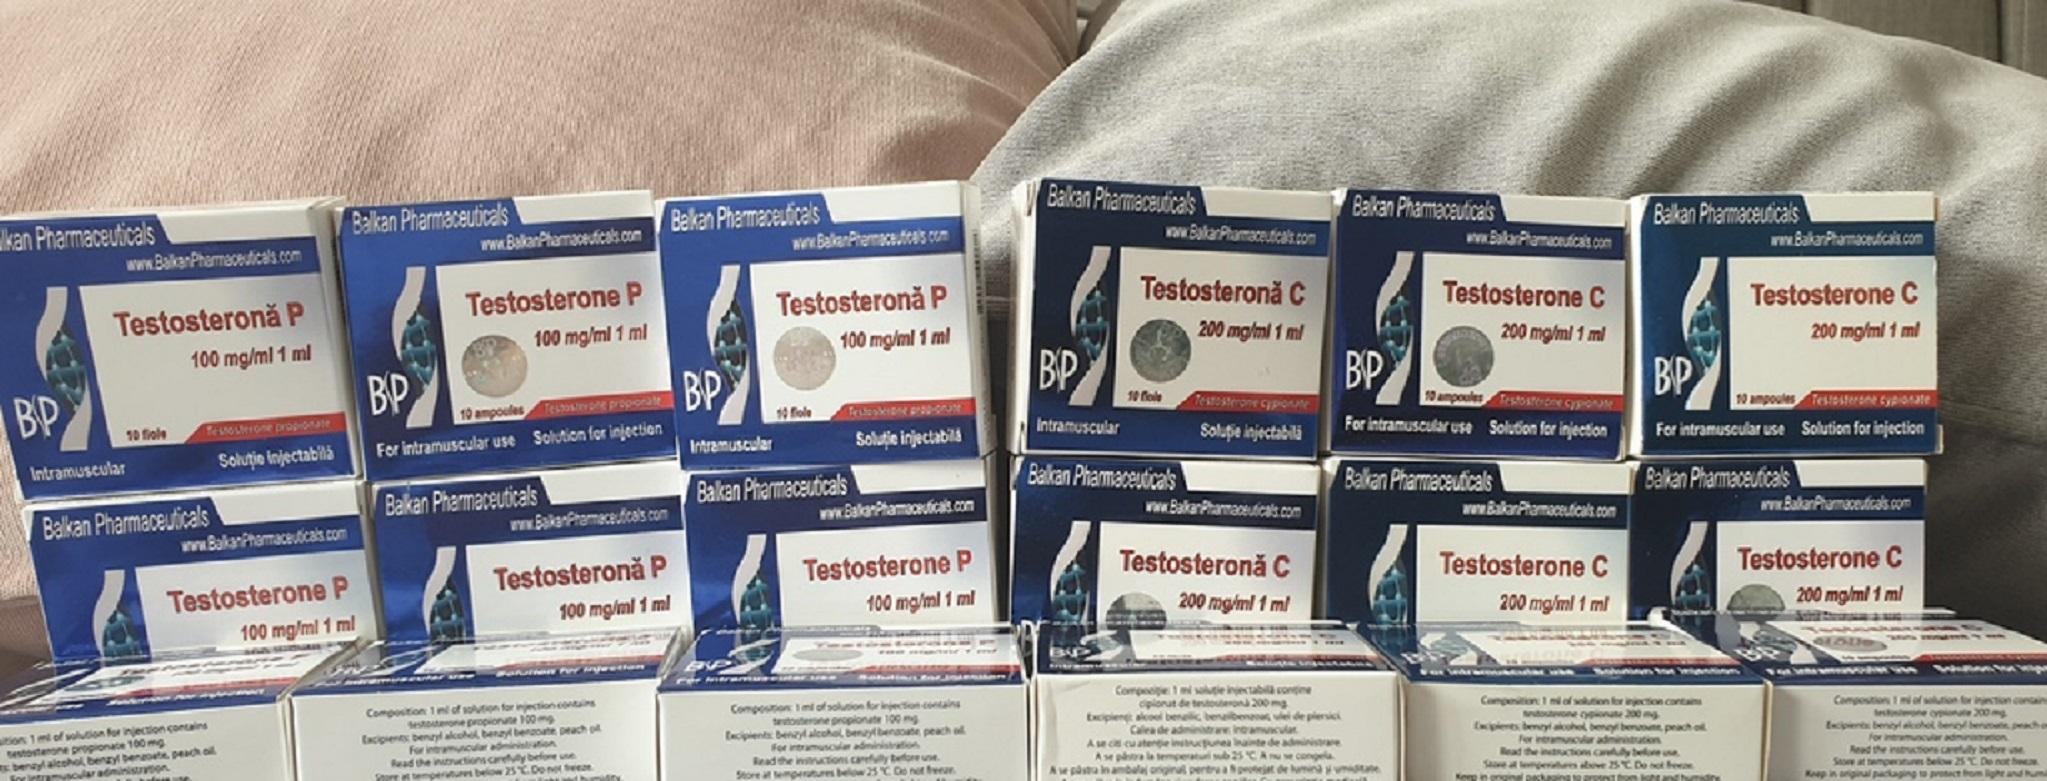 Testo-prop-10 100 mg fish oil